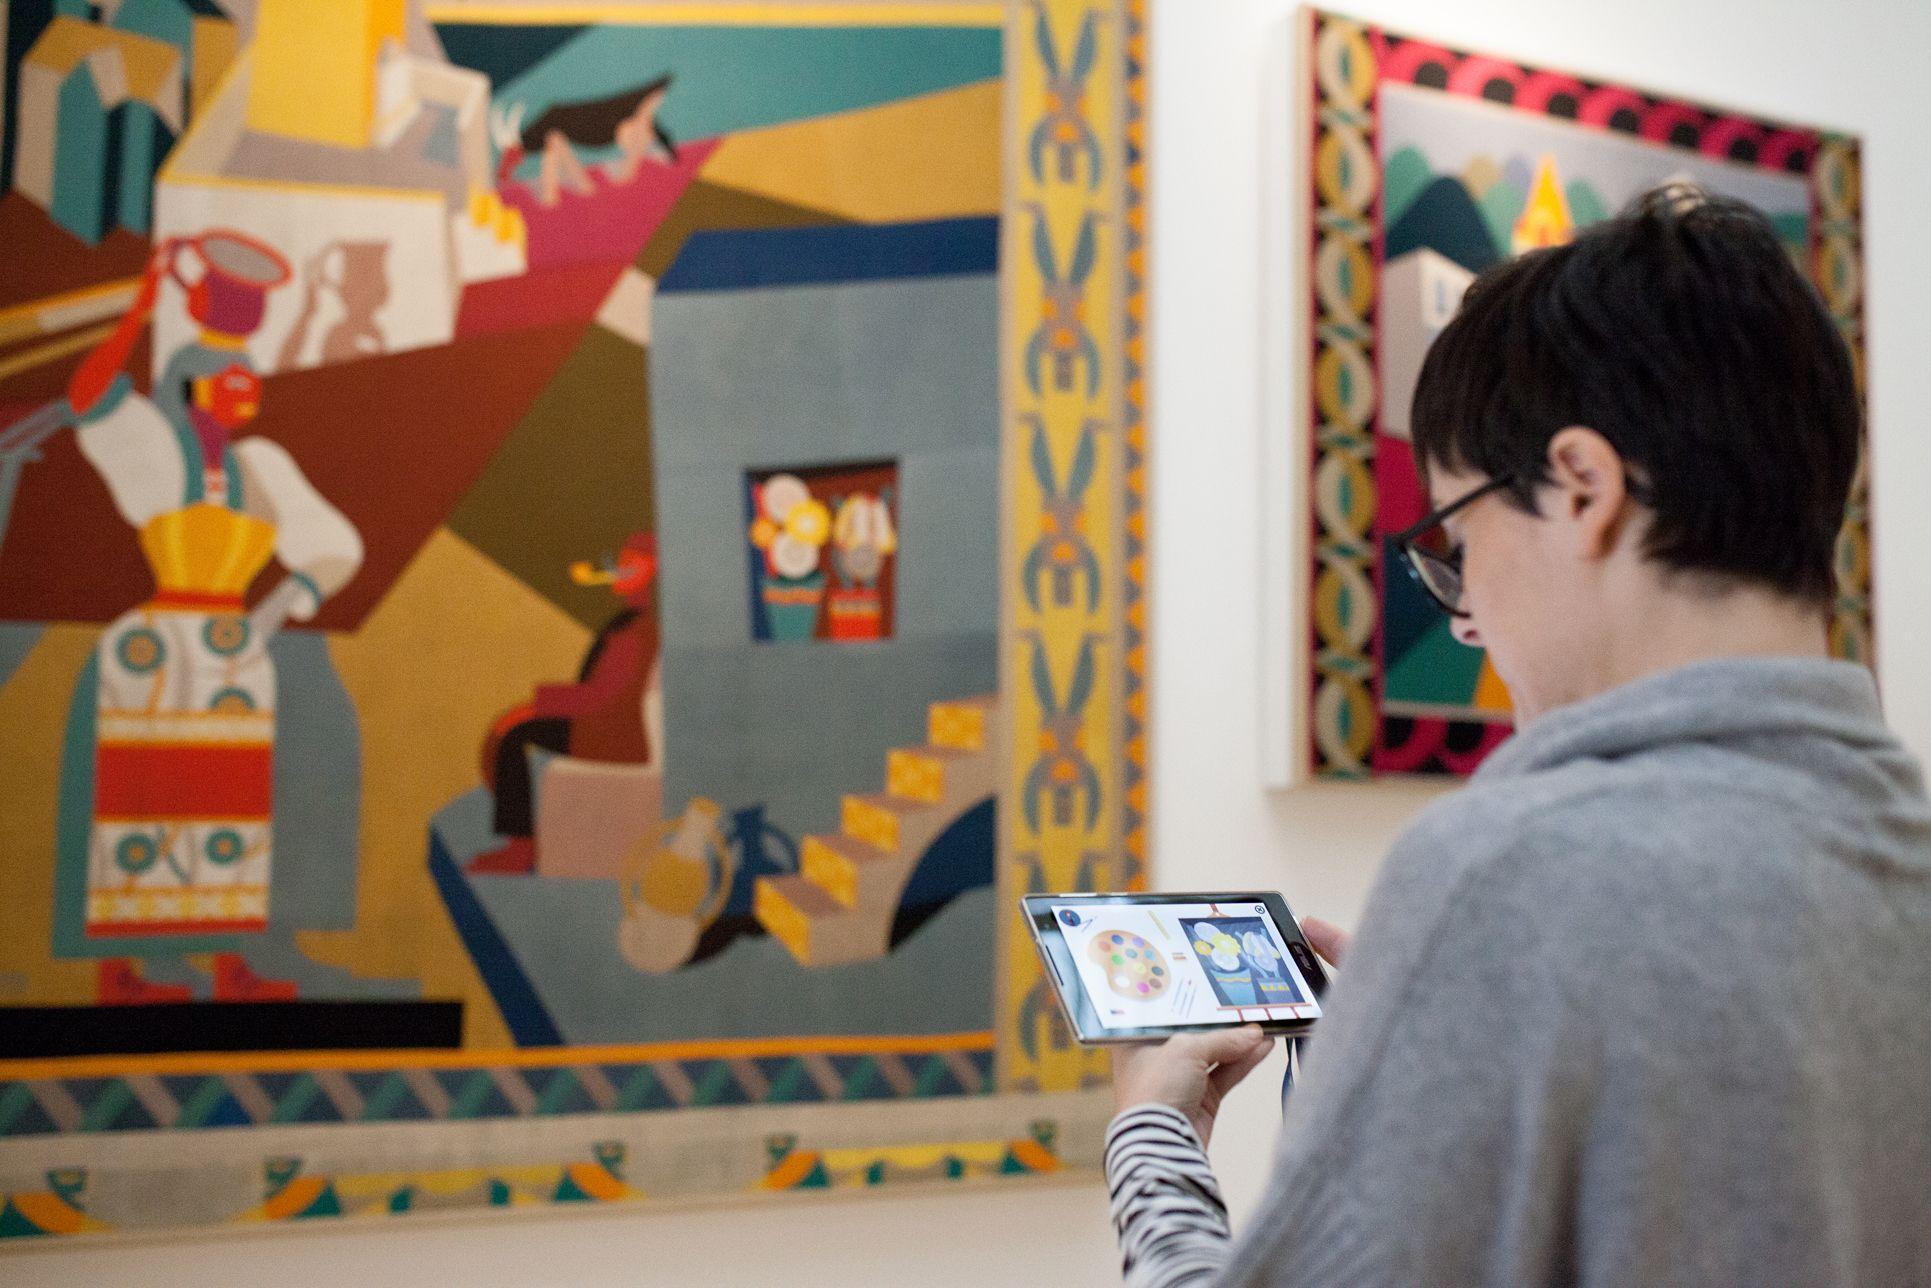 Le famiglie con bambini posso visitare la Casa d'Arte Futurista Depero giocando con le videoguide su tablet